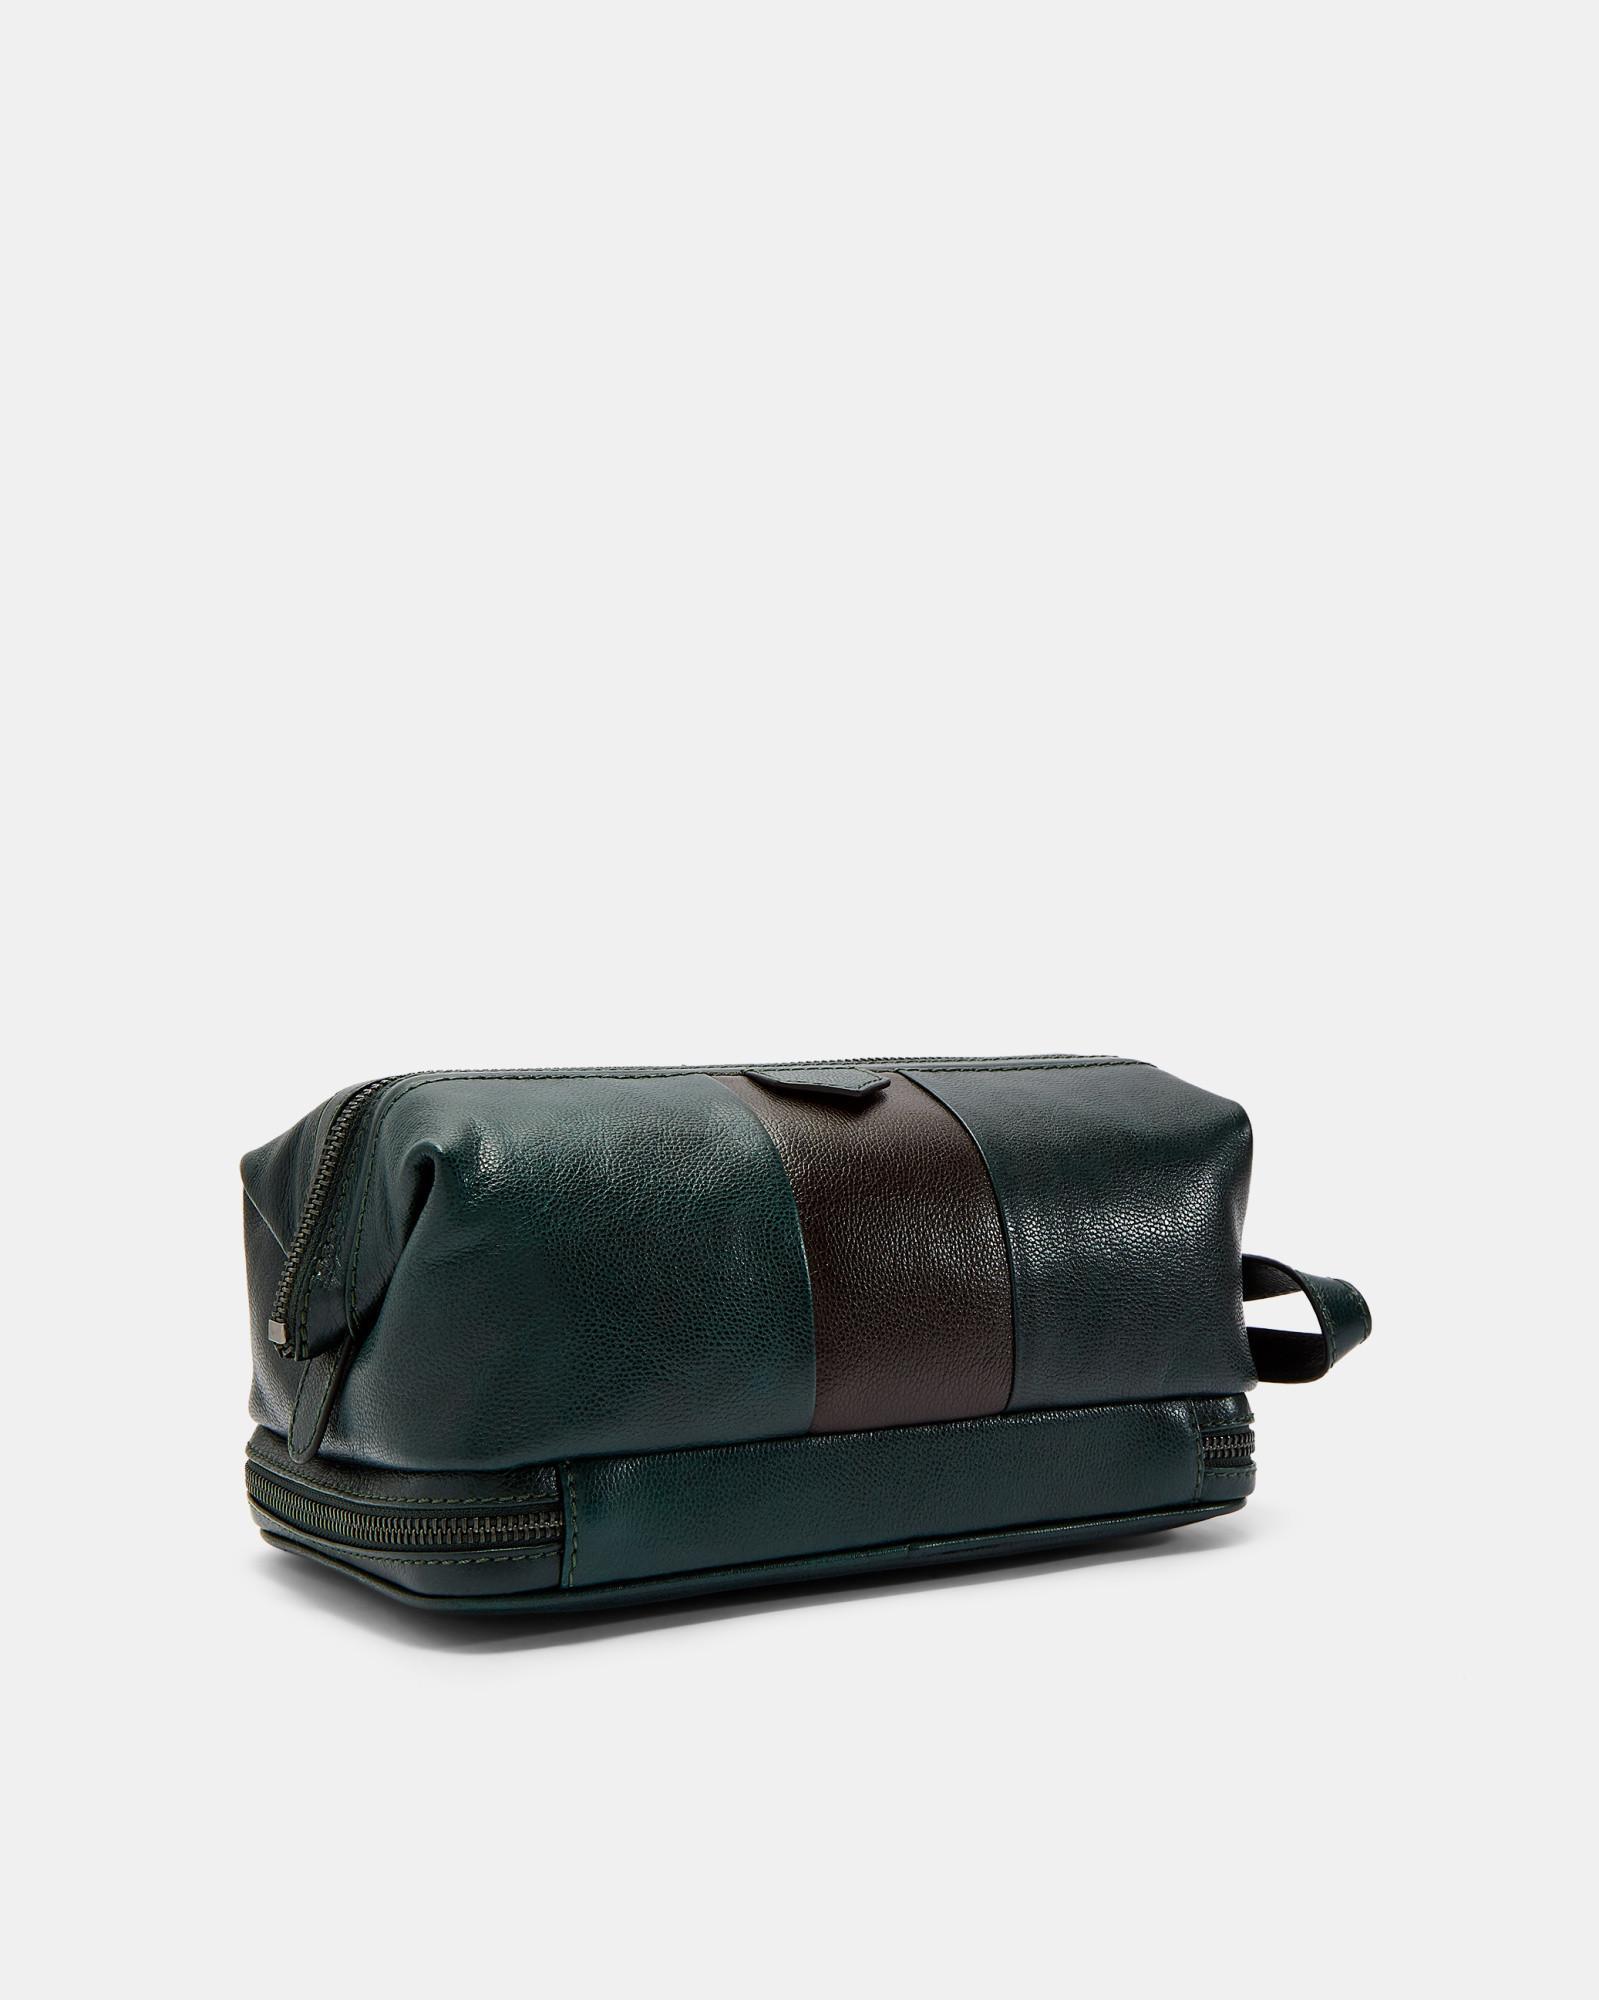 c029db02c Ted Baker - Green Eyez Striped Leather Washbag for Men - Lyst. View  fullscreen